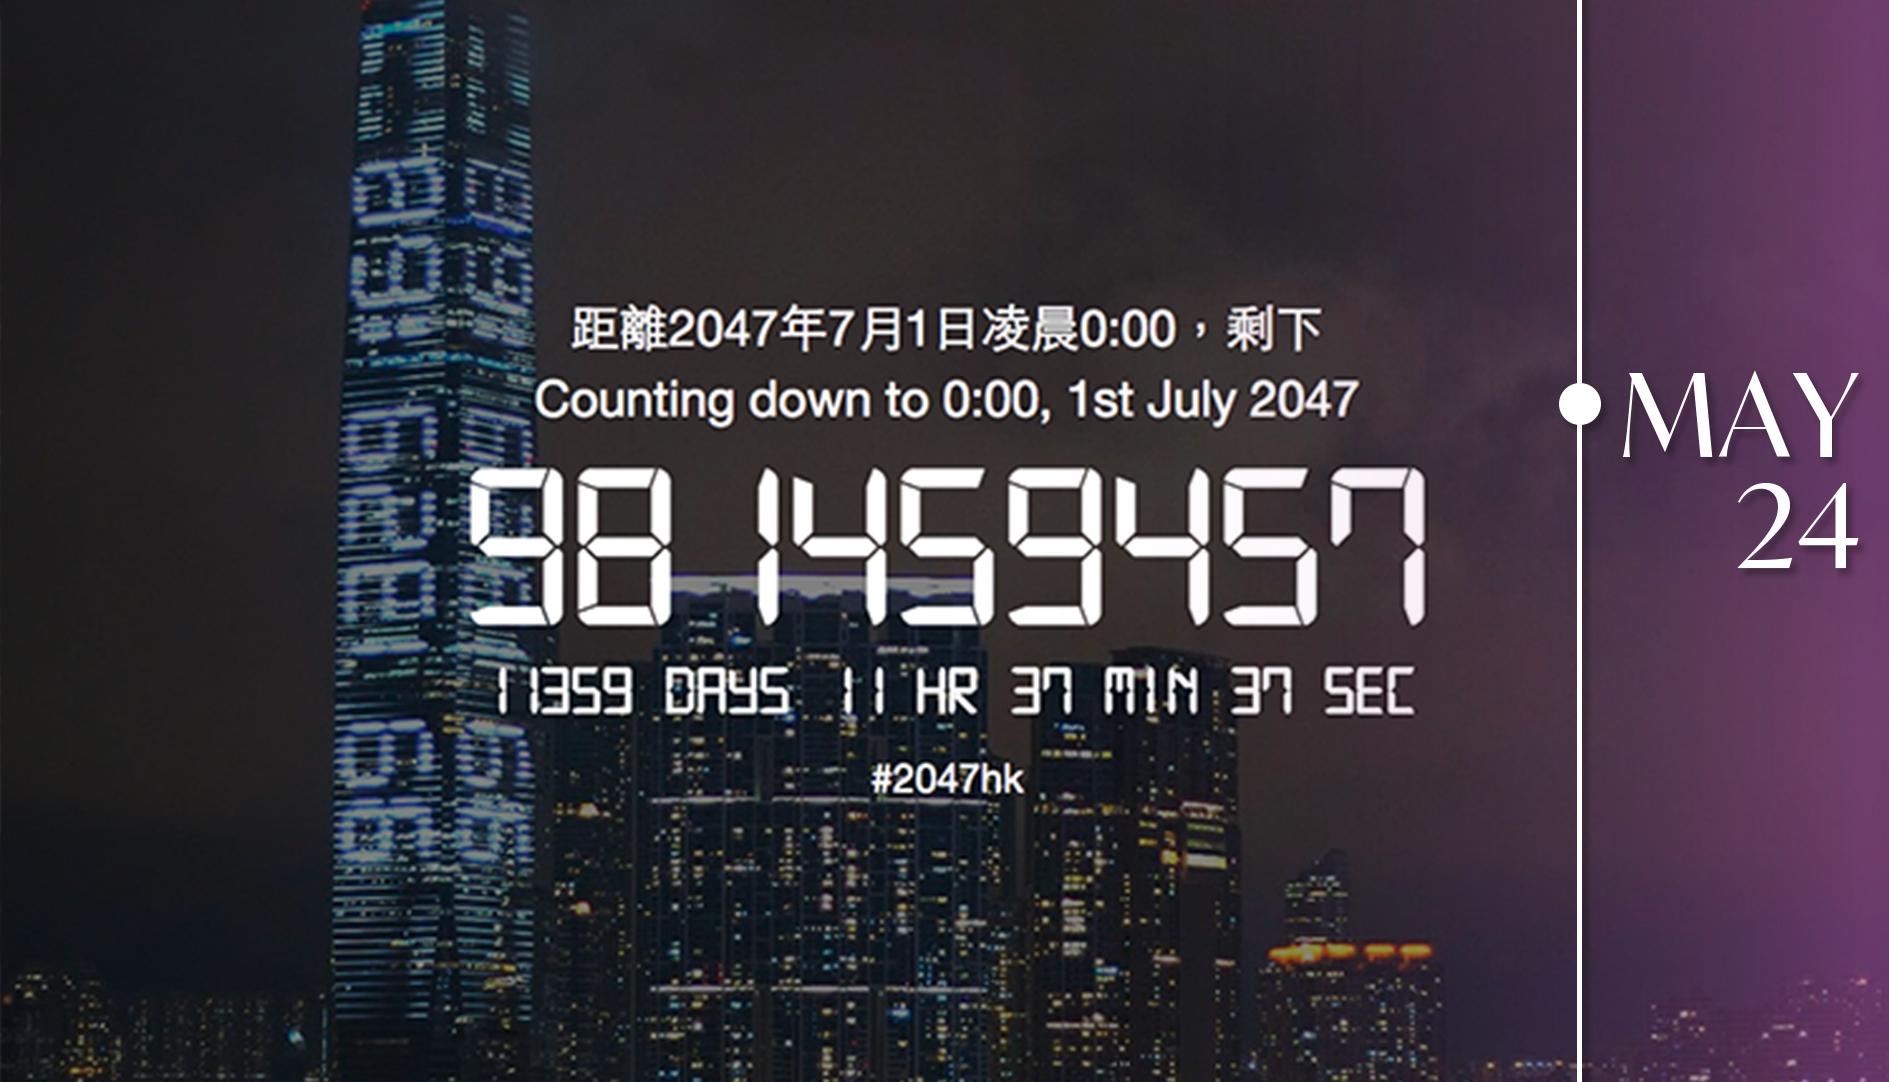 香港 那一年這一天 倒數機